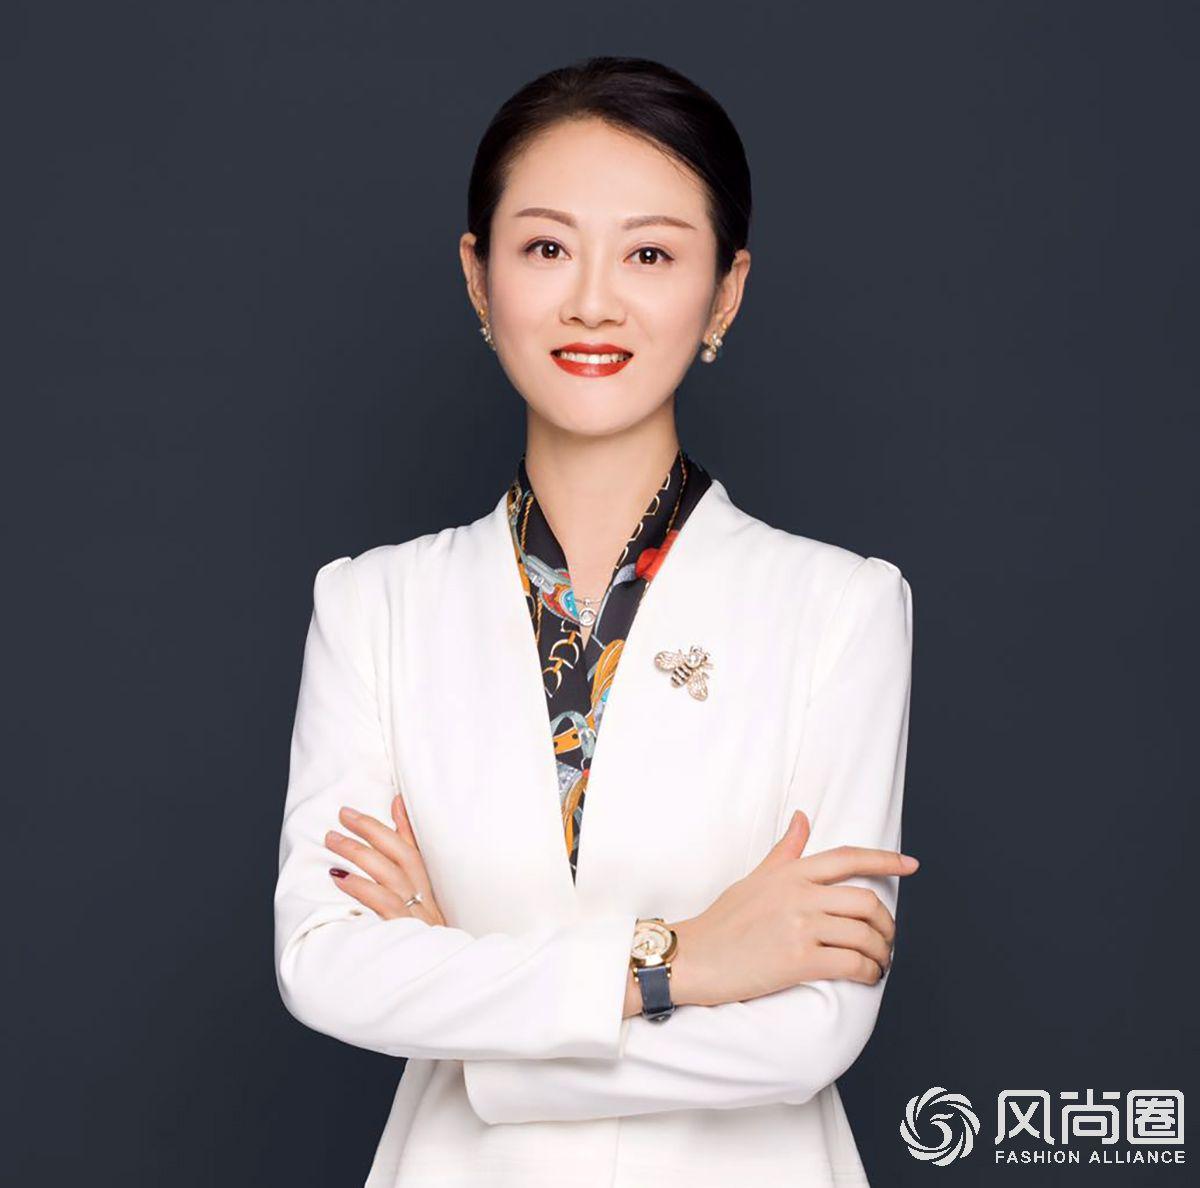 热烈祝贺于坤弘女士成为风尚圈联合创始人